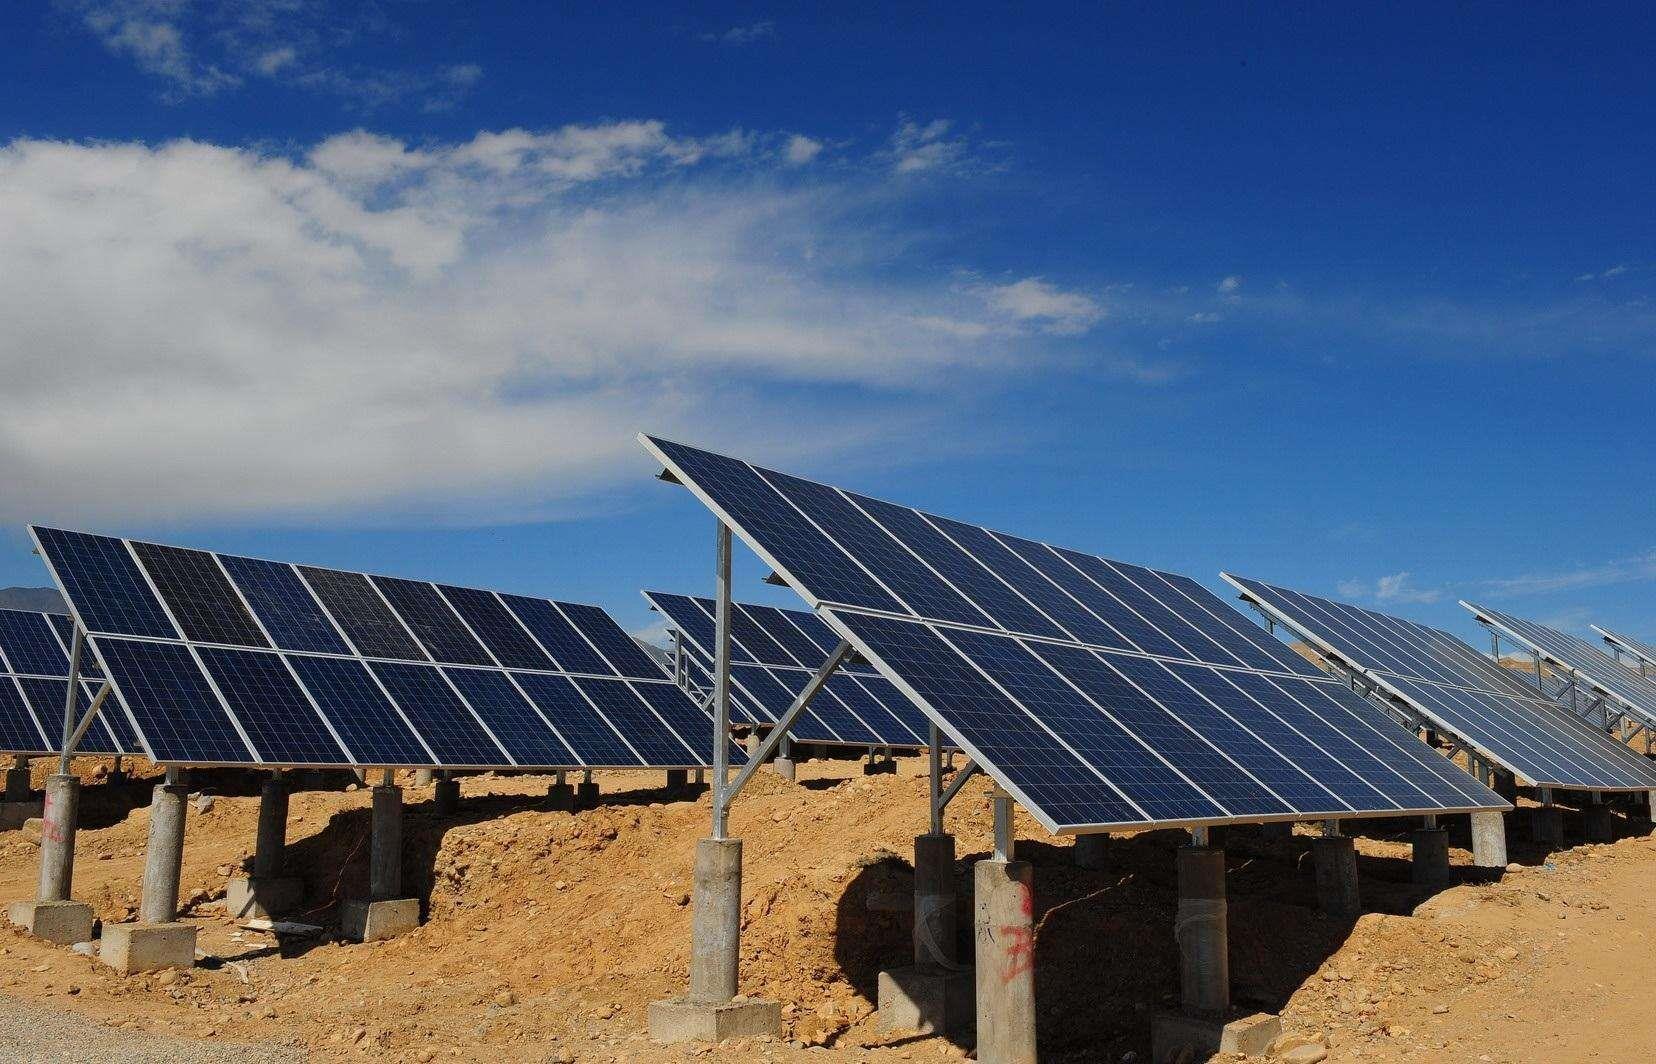 2024年巴西大型太阳能电站累计容量将达4.2吉瓦